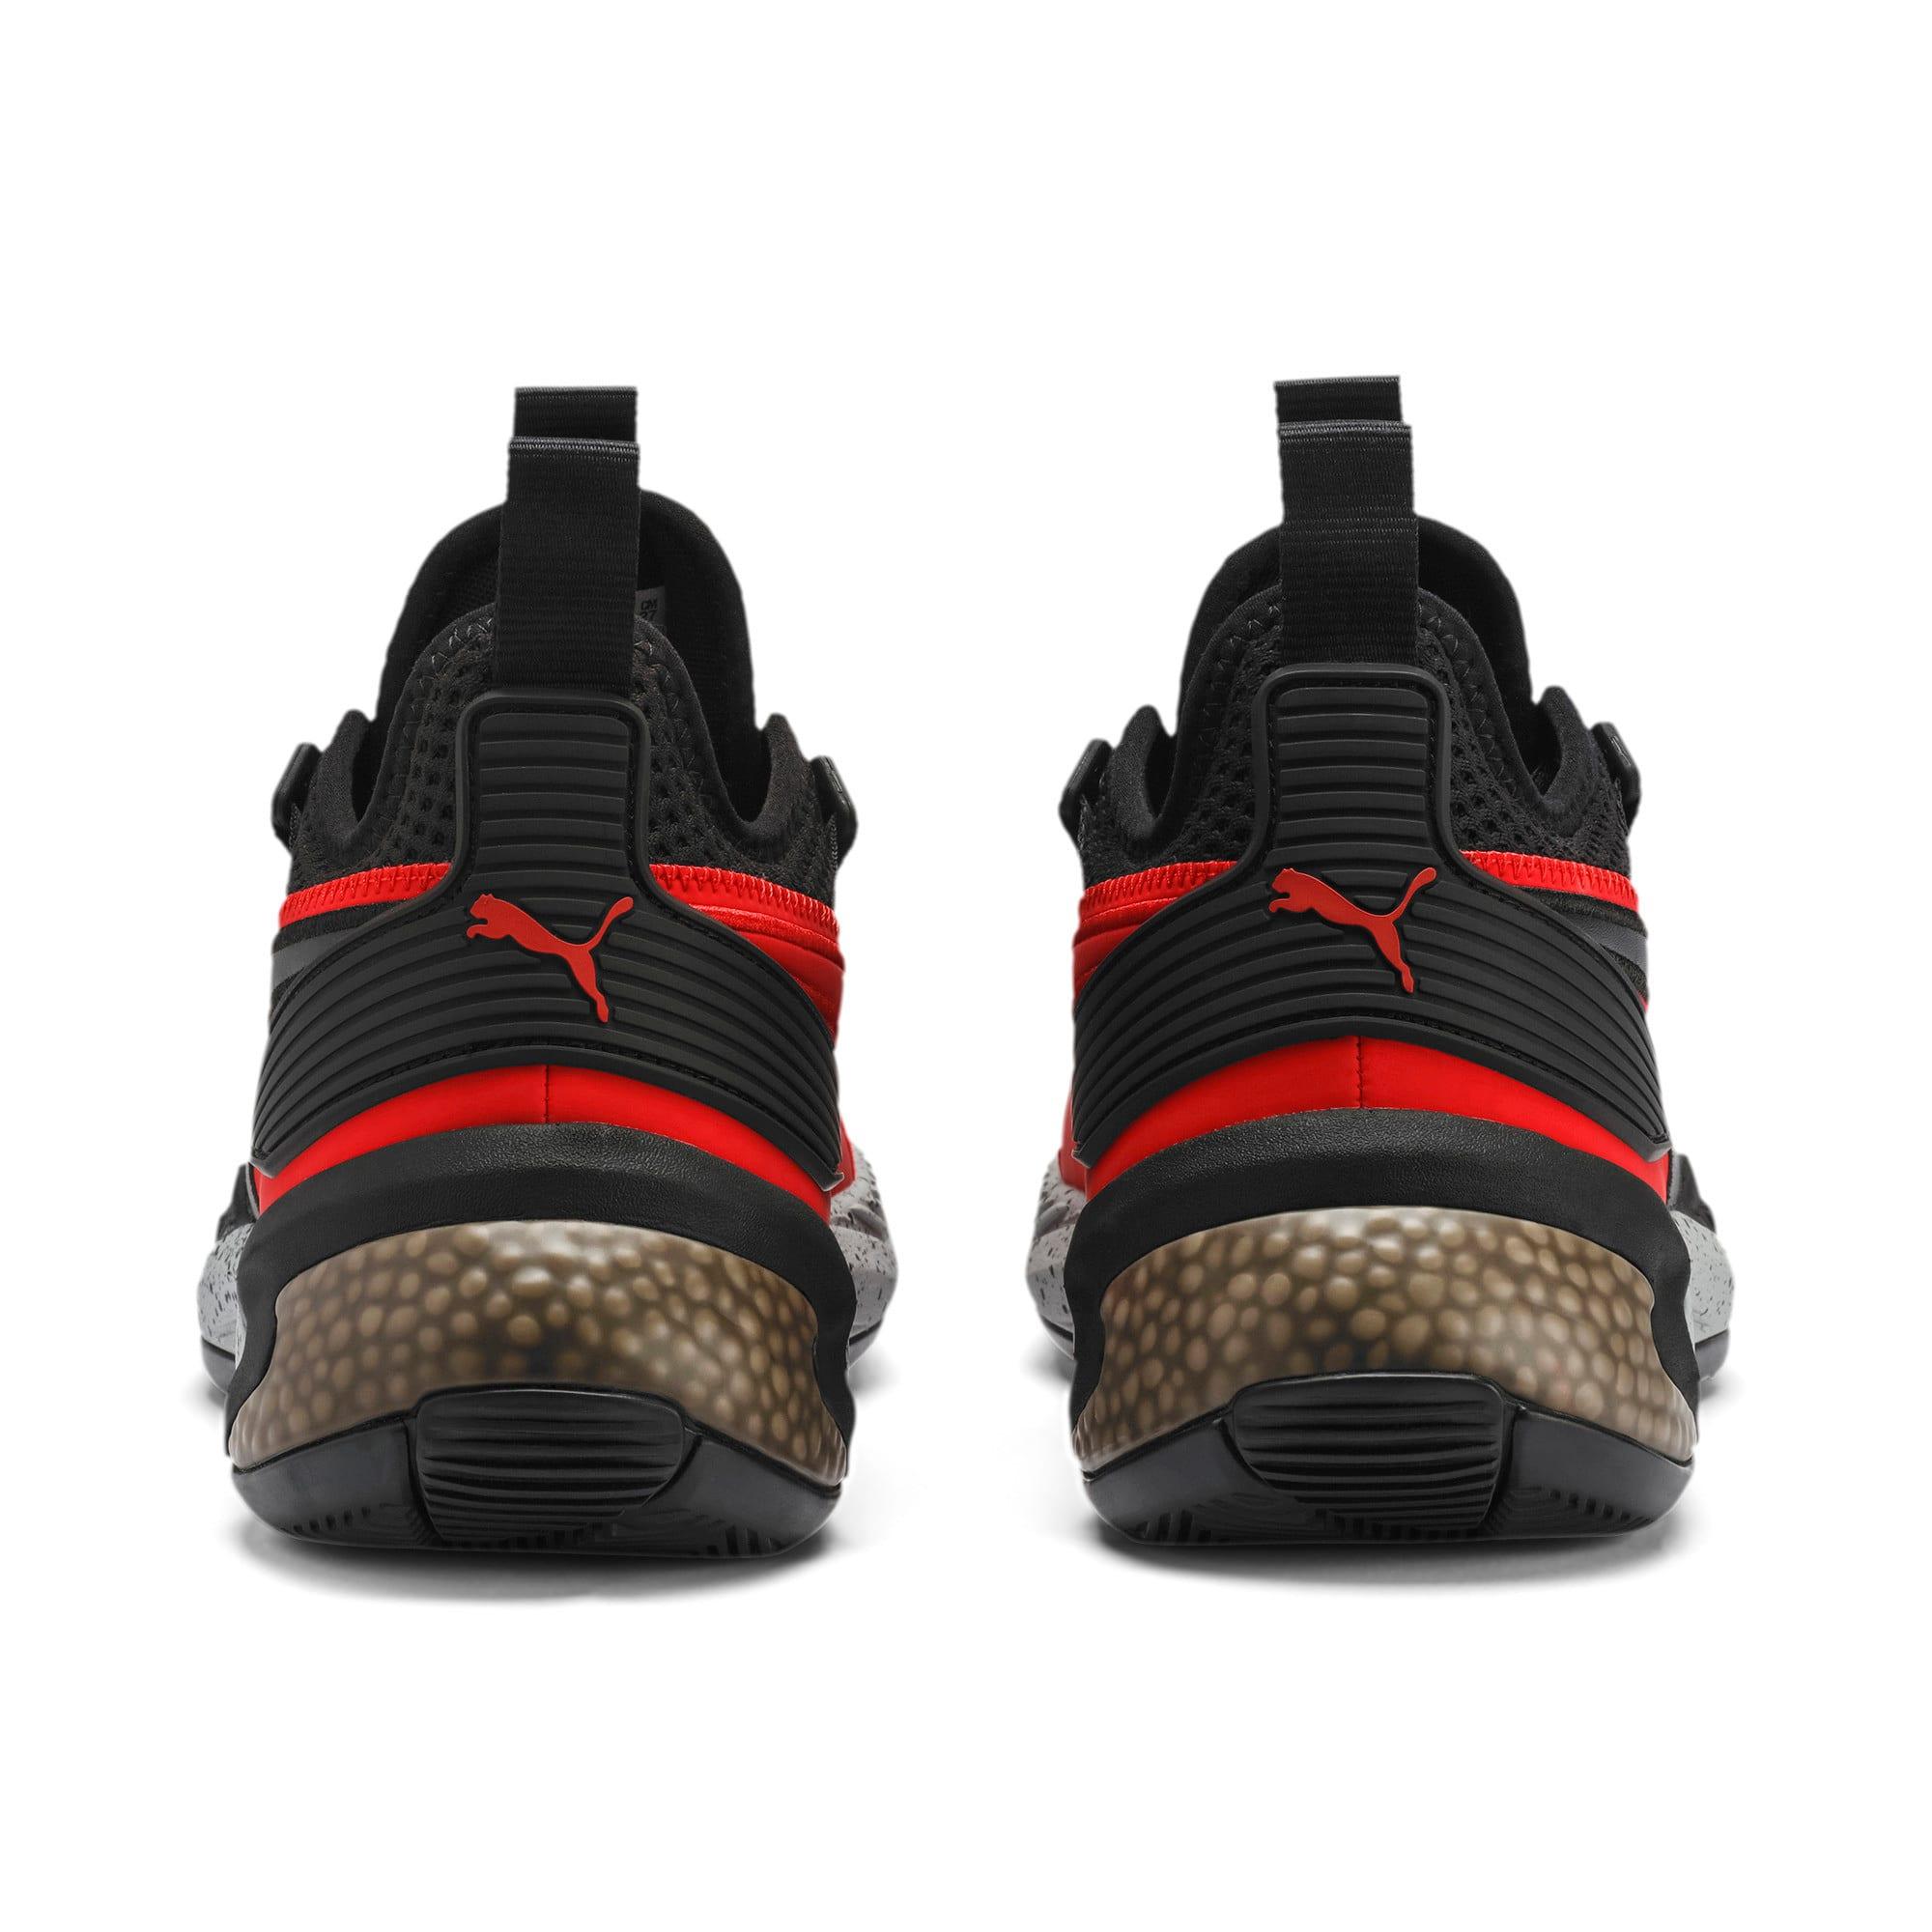 Thumbnail 3 of Uproar Core basketbalschoenen voor heren, High Risk Red-Puma Black, medium